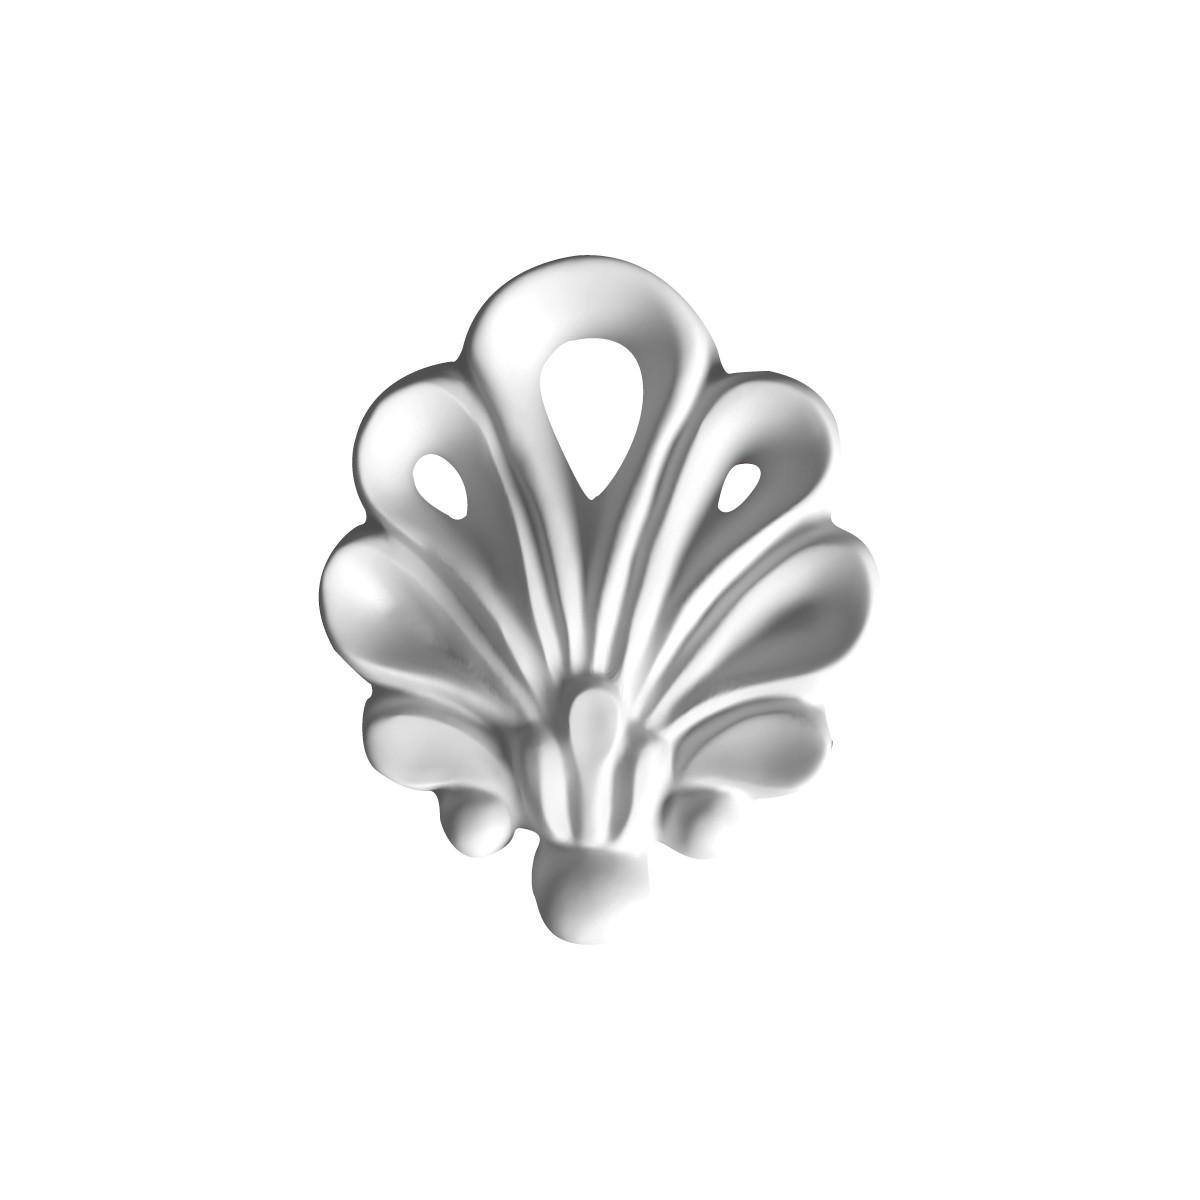 Мелкая лепнина из гипса, гипсовая мелочь м-13 h70мм